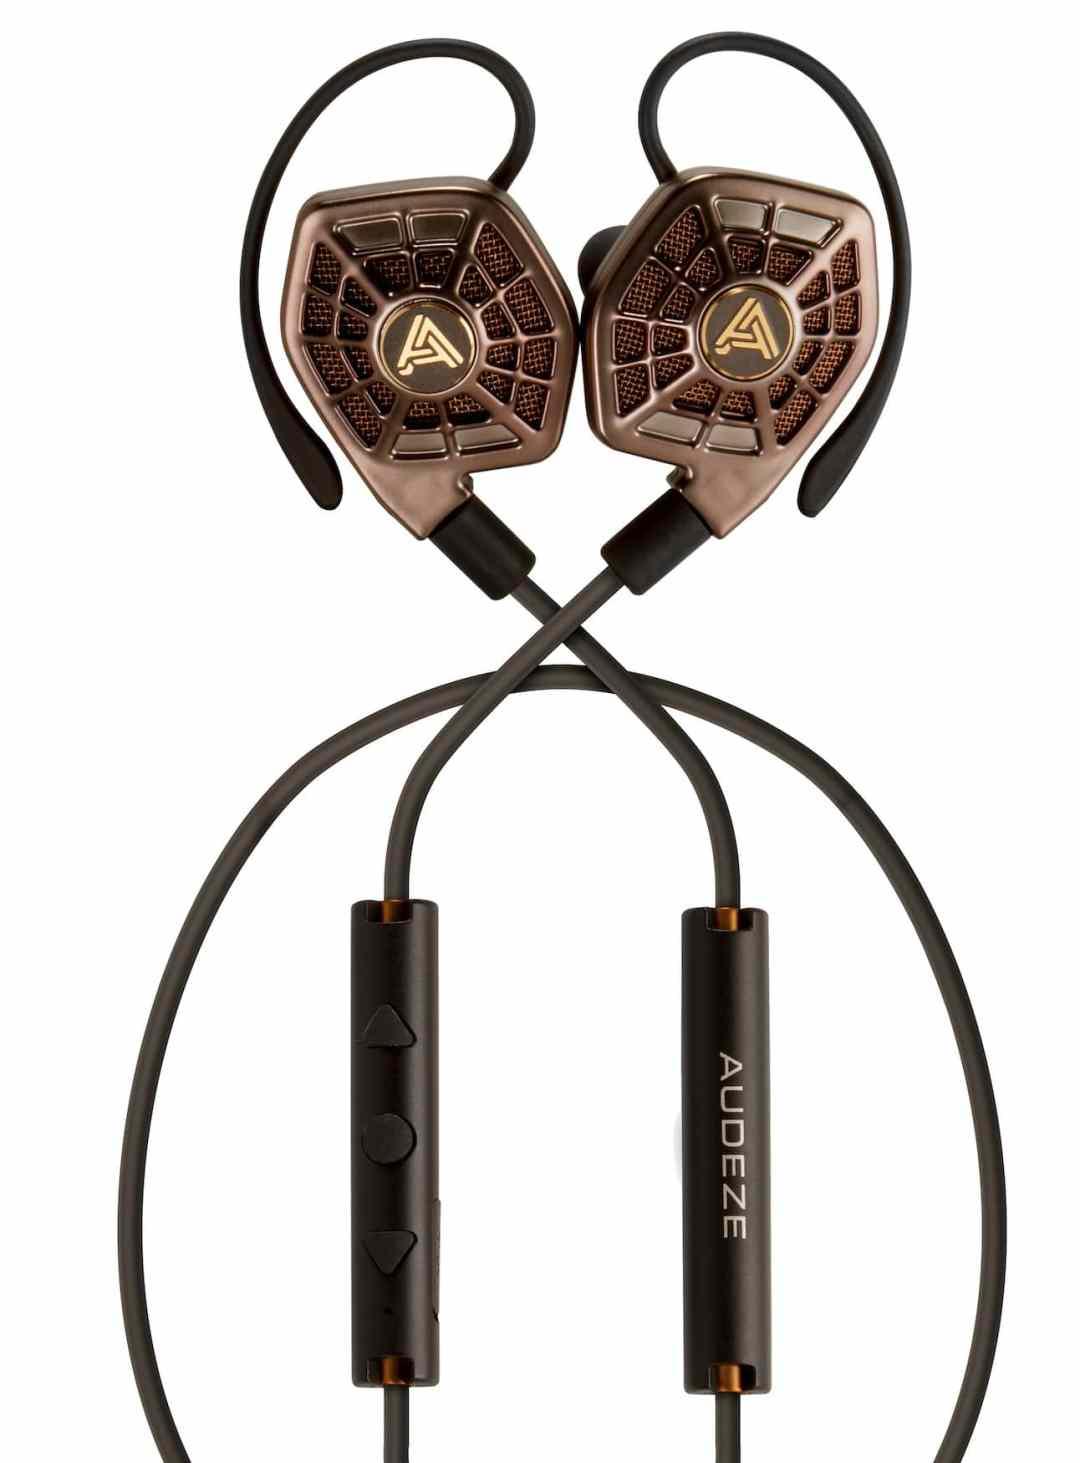 iSINE Headphones Go Wireless For Audeze